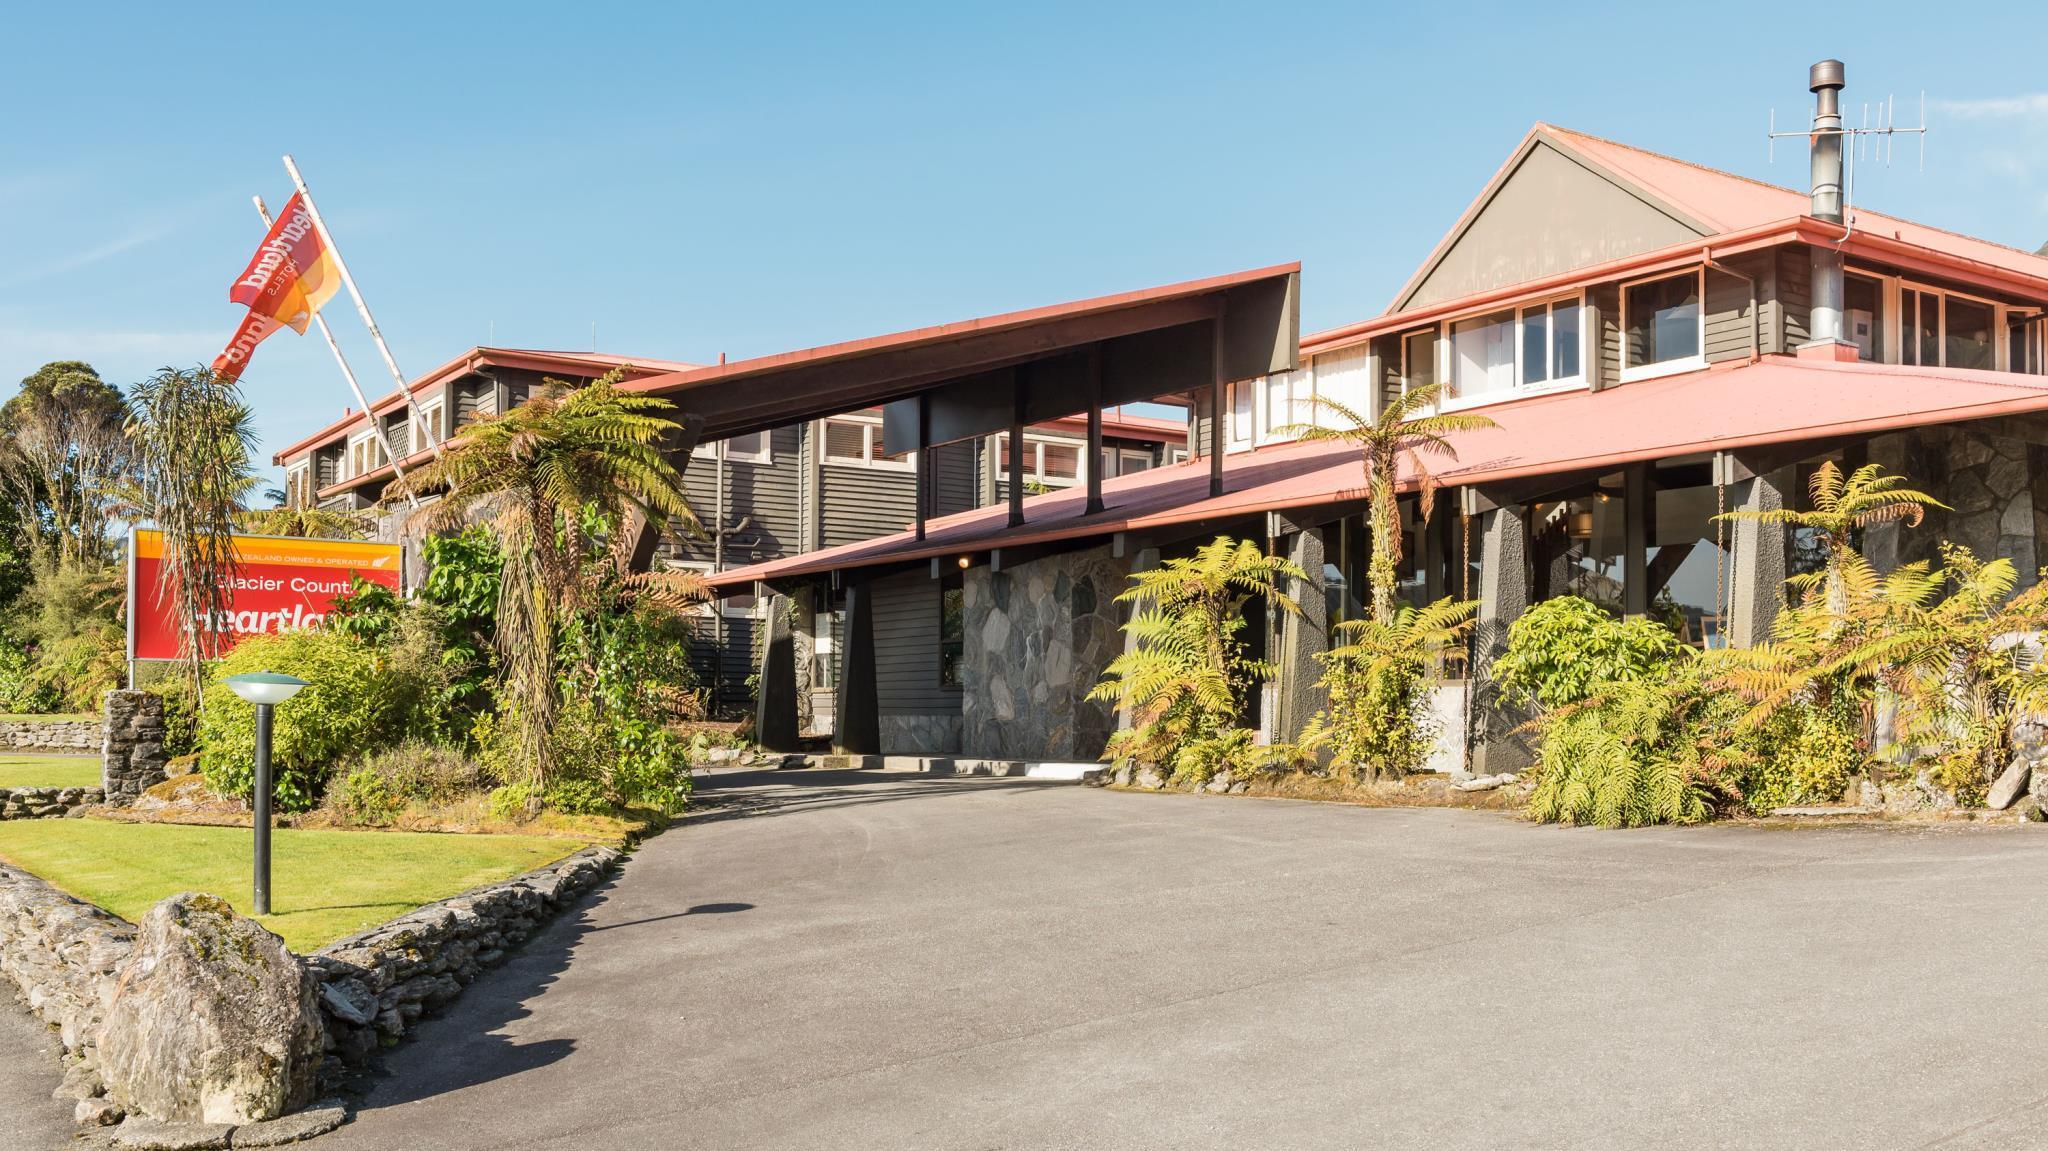 Heartland Hotel Glacier Country, Westland